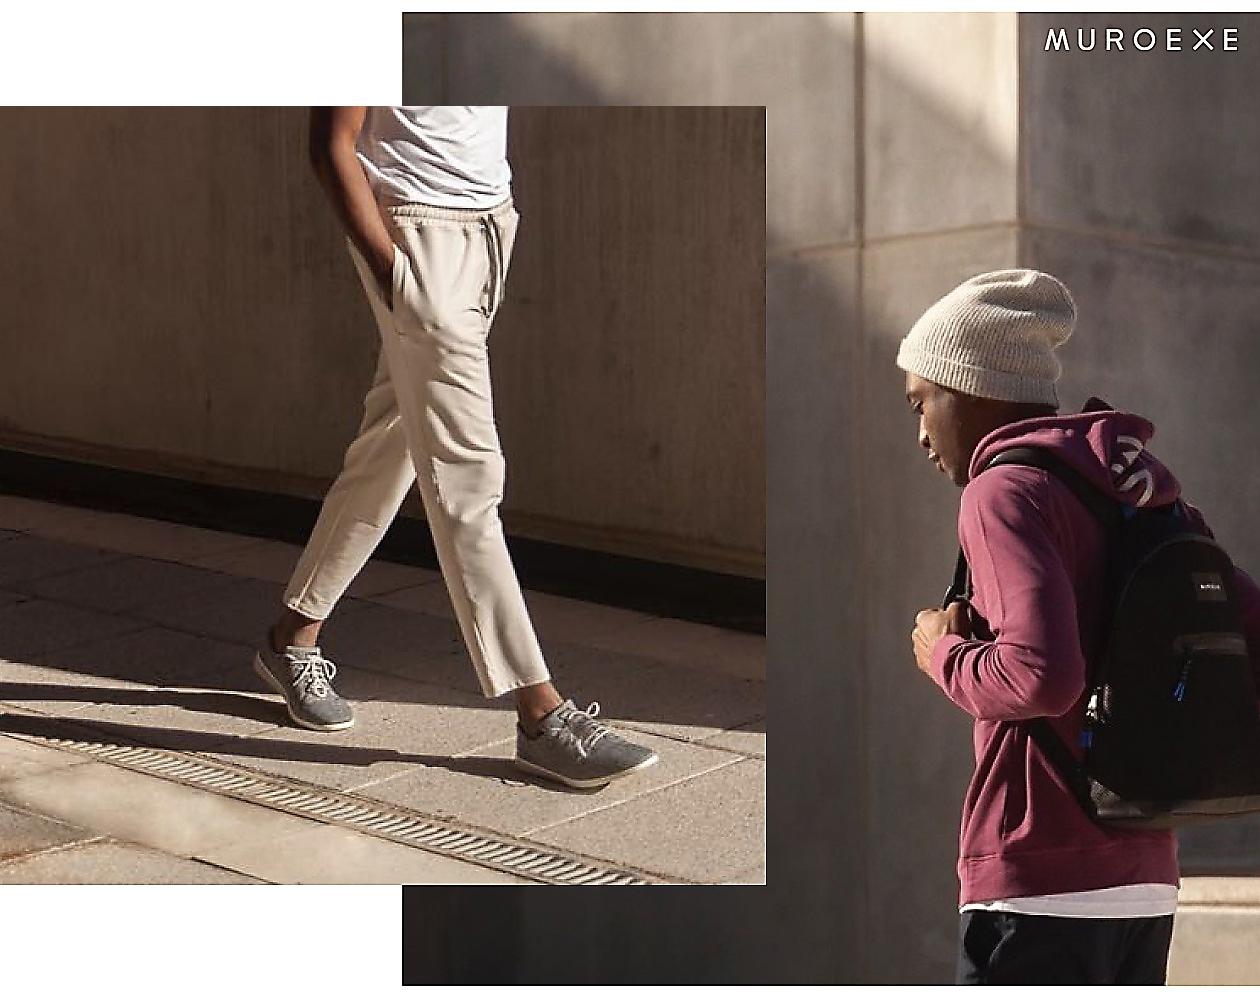 Nouveau | Sneakers veganés MUROEXE | Acheter en ligne !